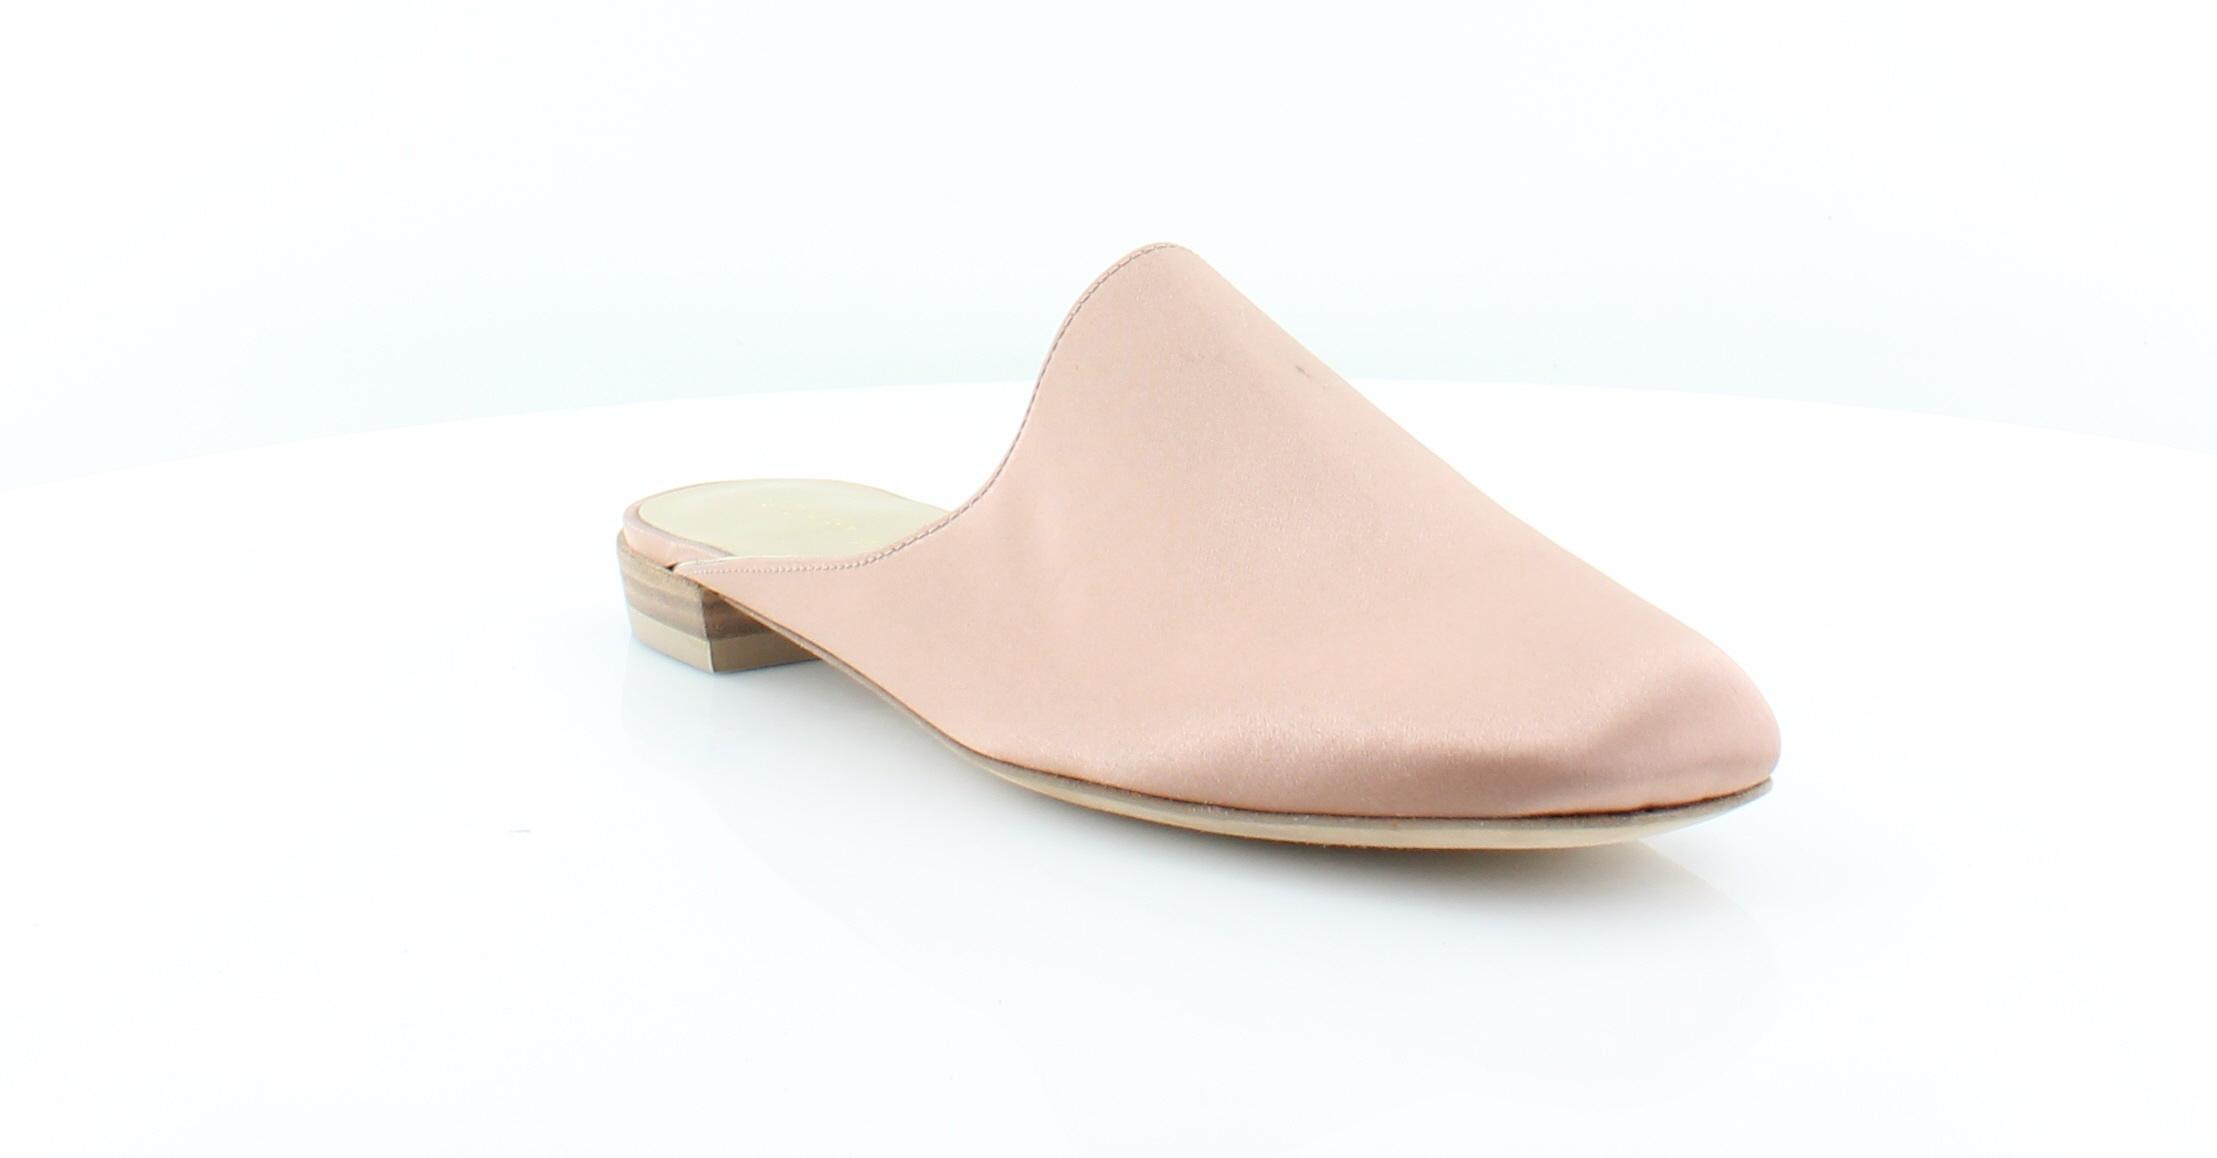 consegna diretta e rapida in fabbrica Stuart Weitzman Mulearky Beige donna donna donna scarpe Dimensione 7 M Clogs & Slippers MSRP  398  prezzo più economico